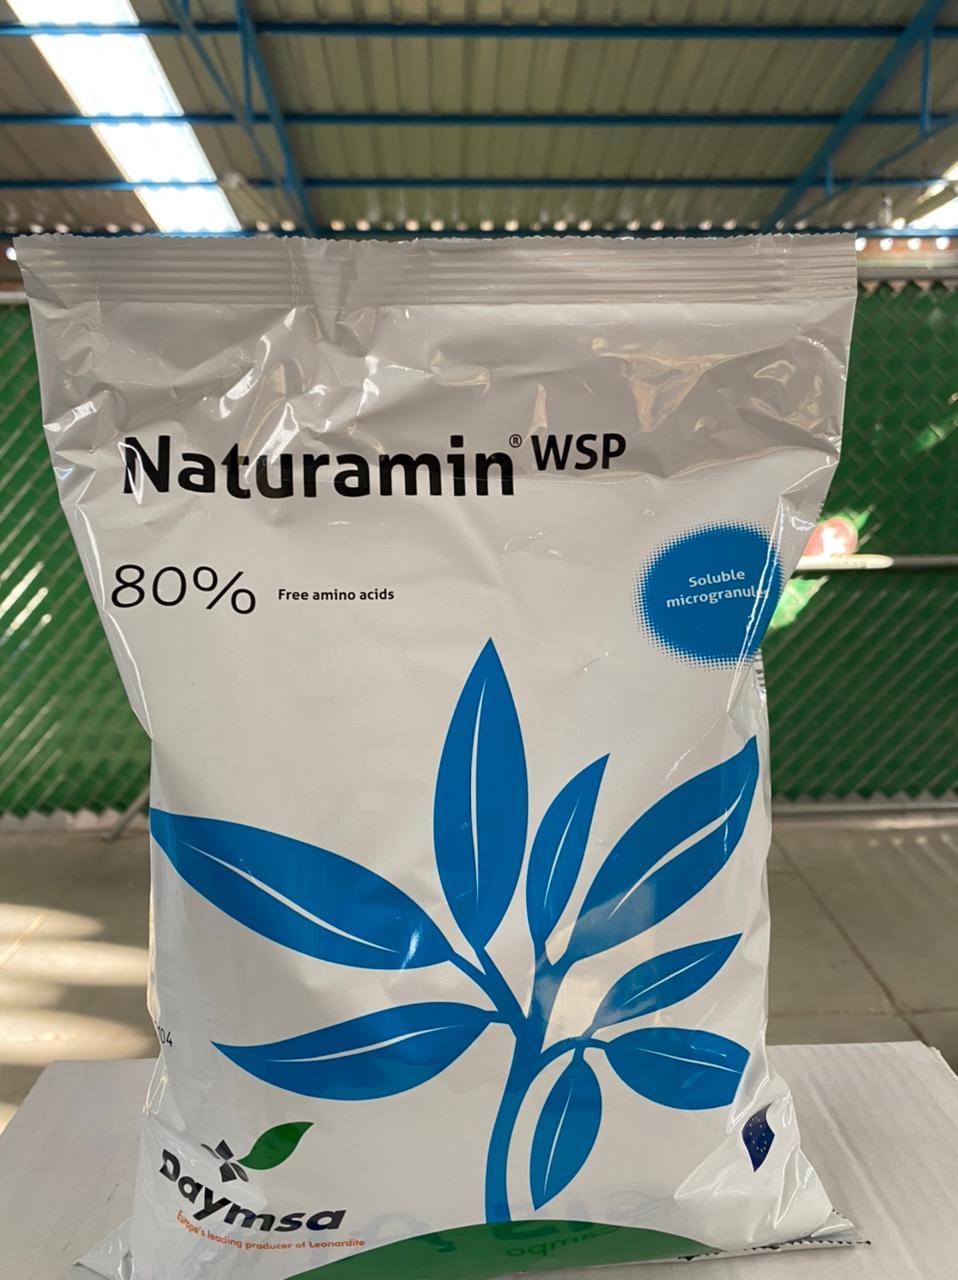 Naturamin-WSP